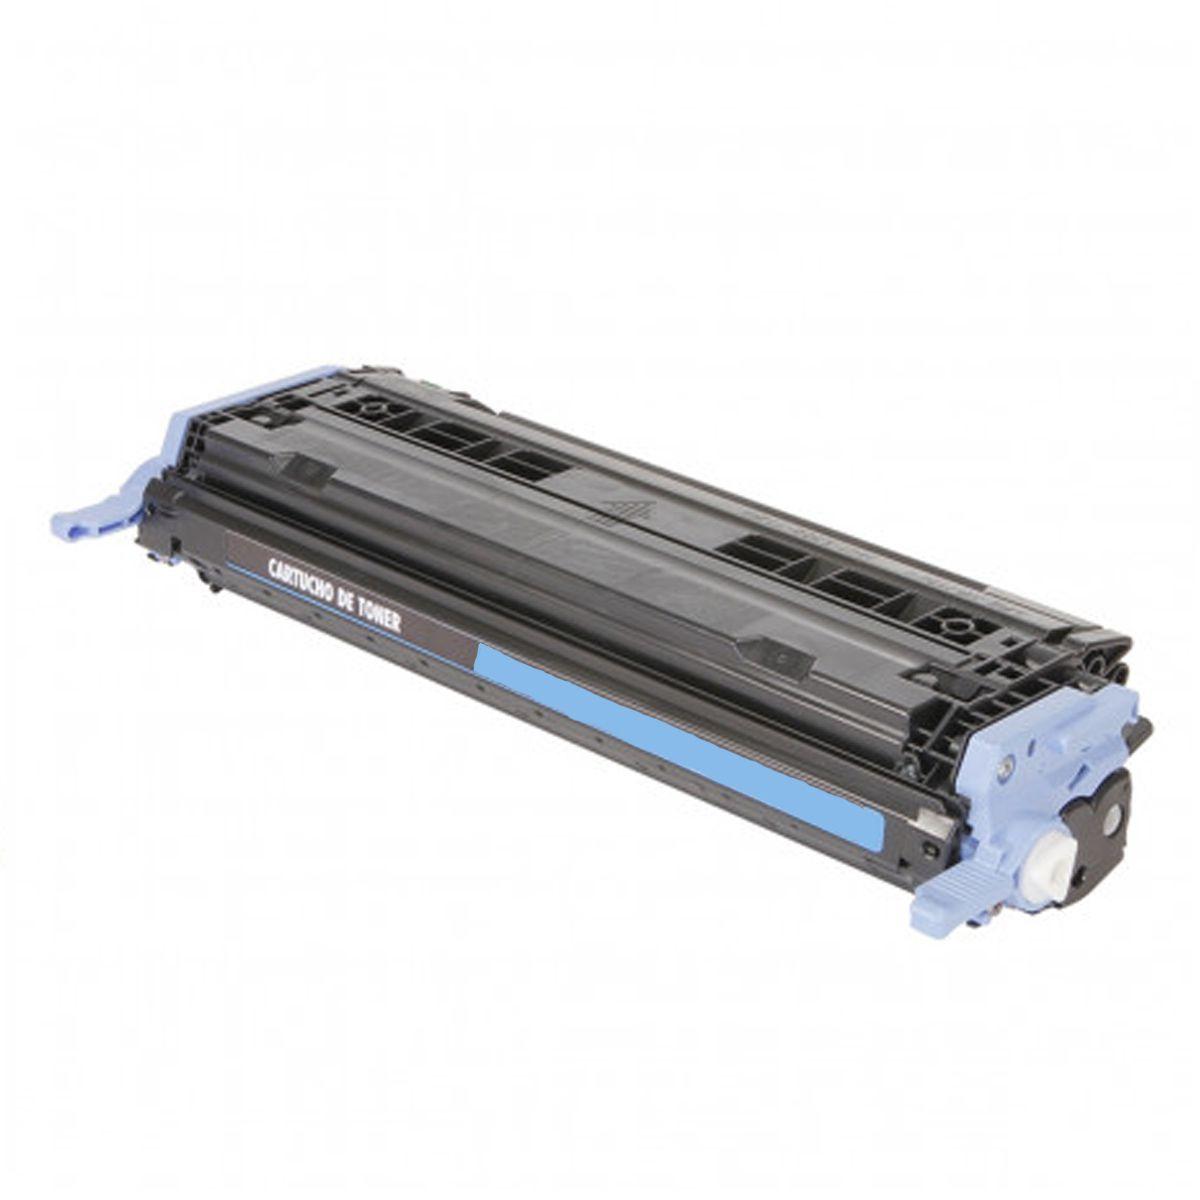 Toner Compativel com HP Q6001A 6001 - 2600N 2600 2605 CM1015 CM1017 - Ciano 2K